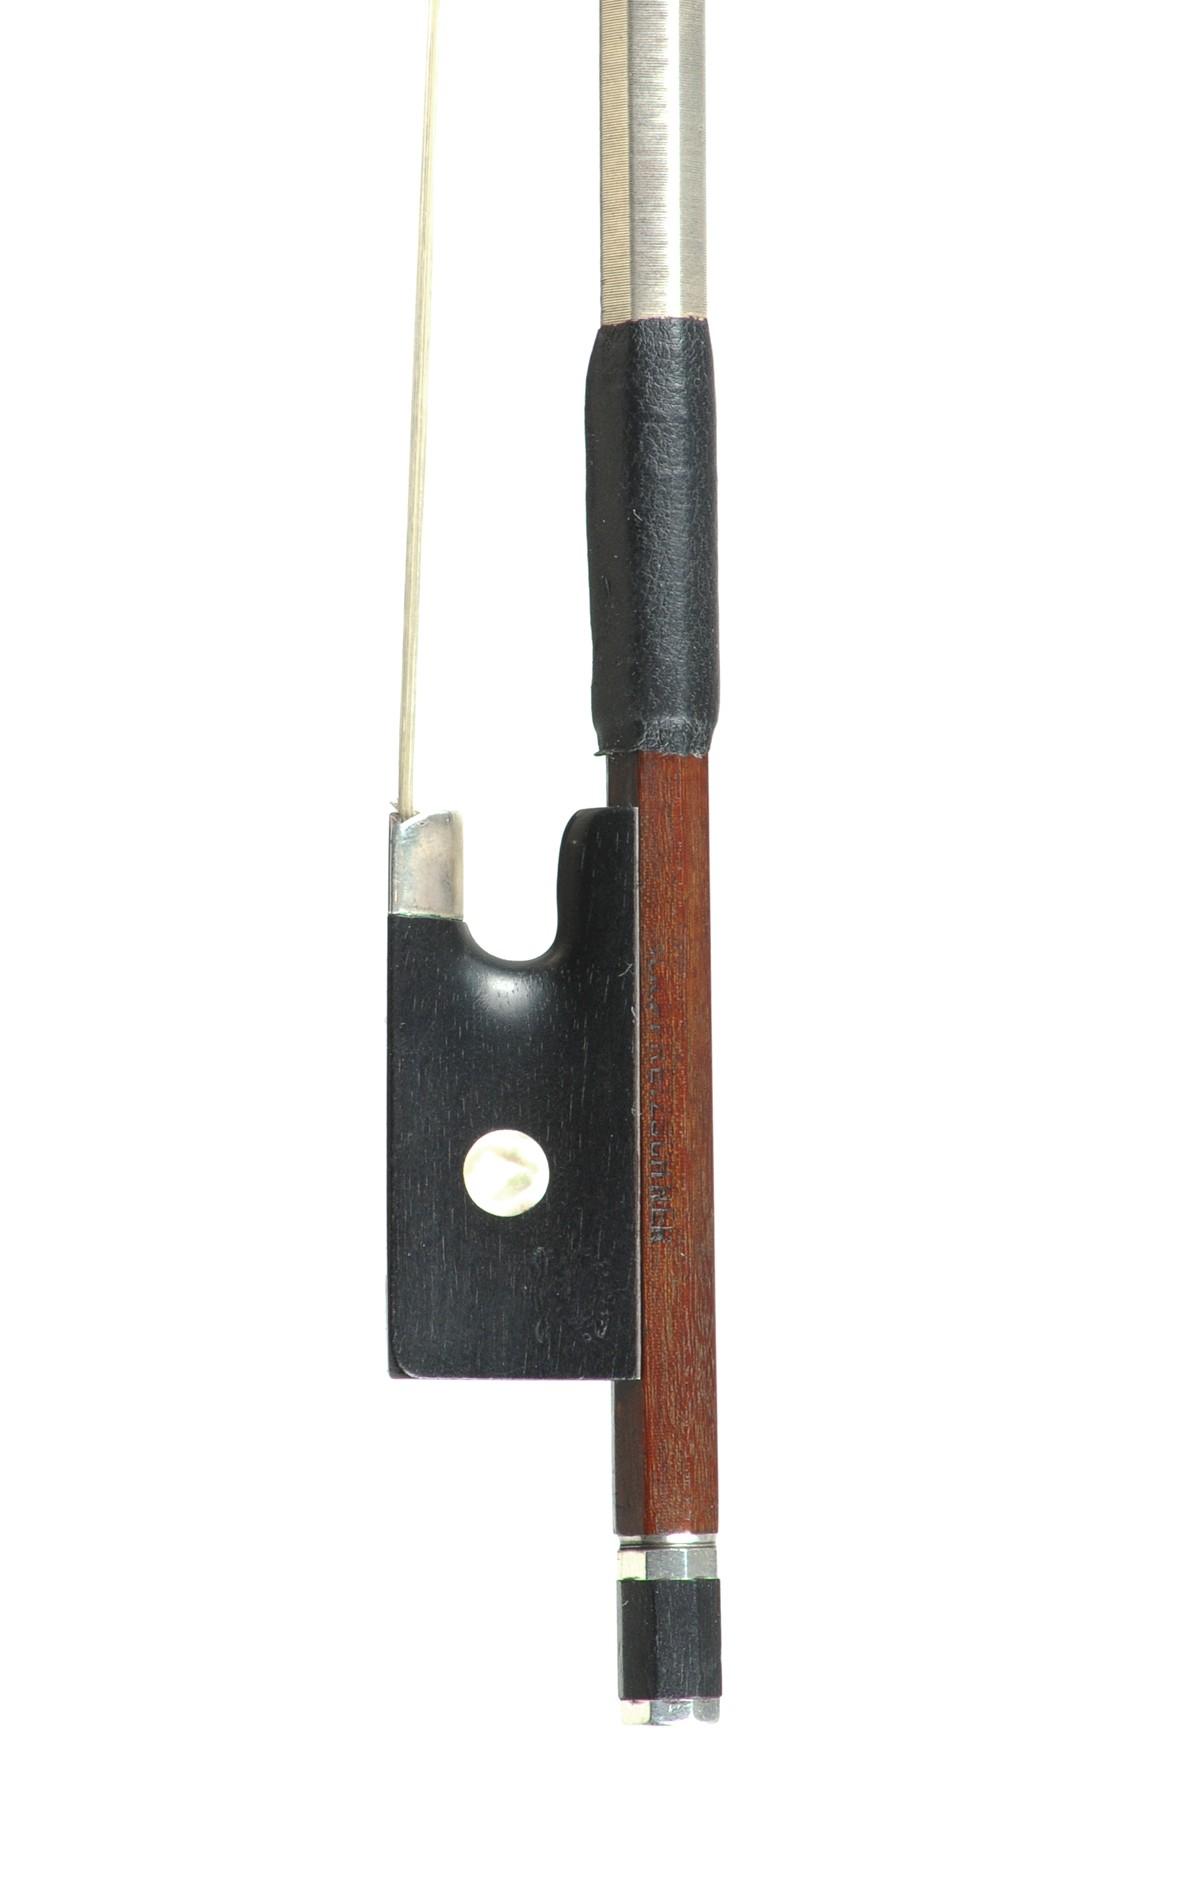 H. R. Pfretzschner Geigenbogen, Modell Tourte